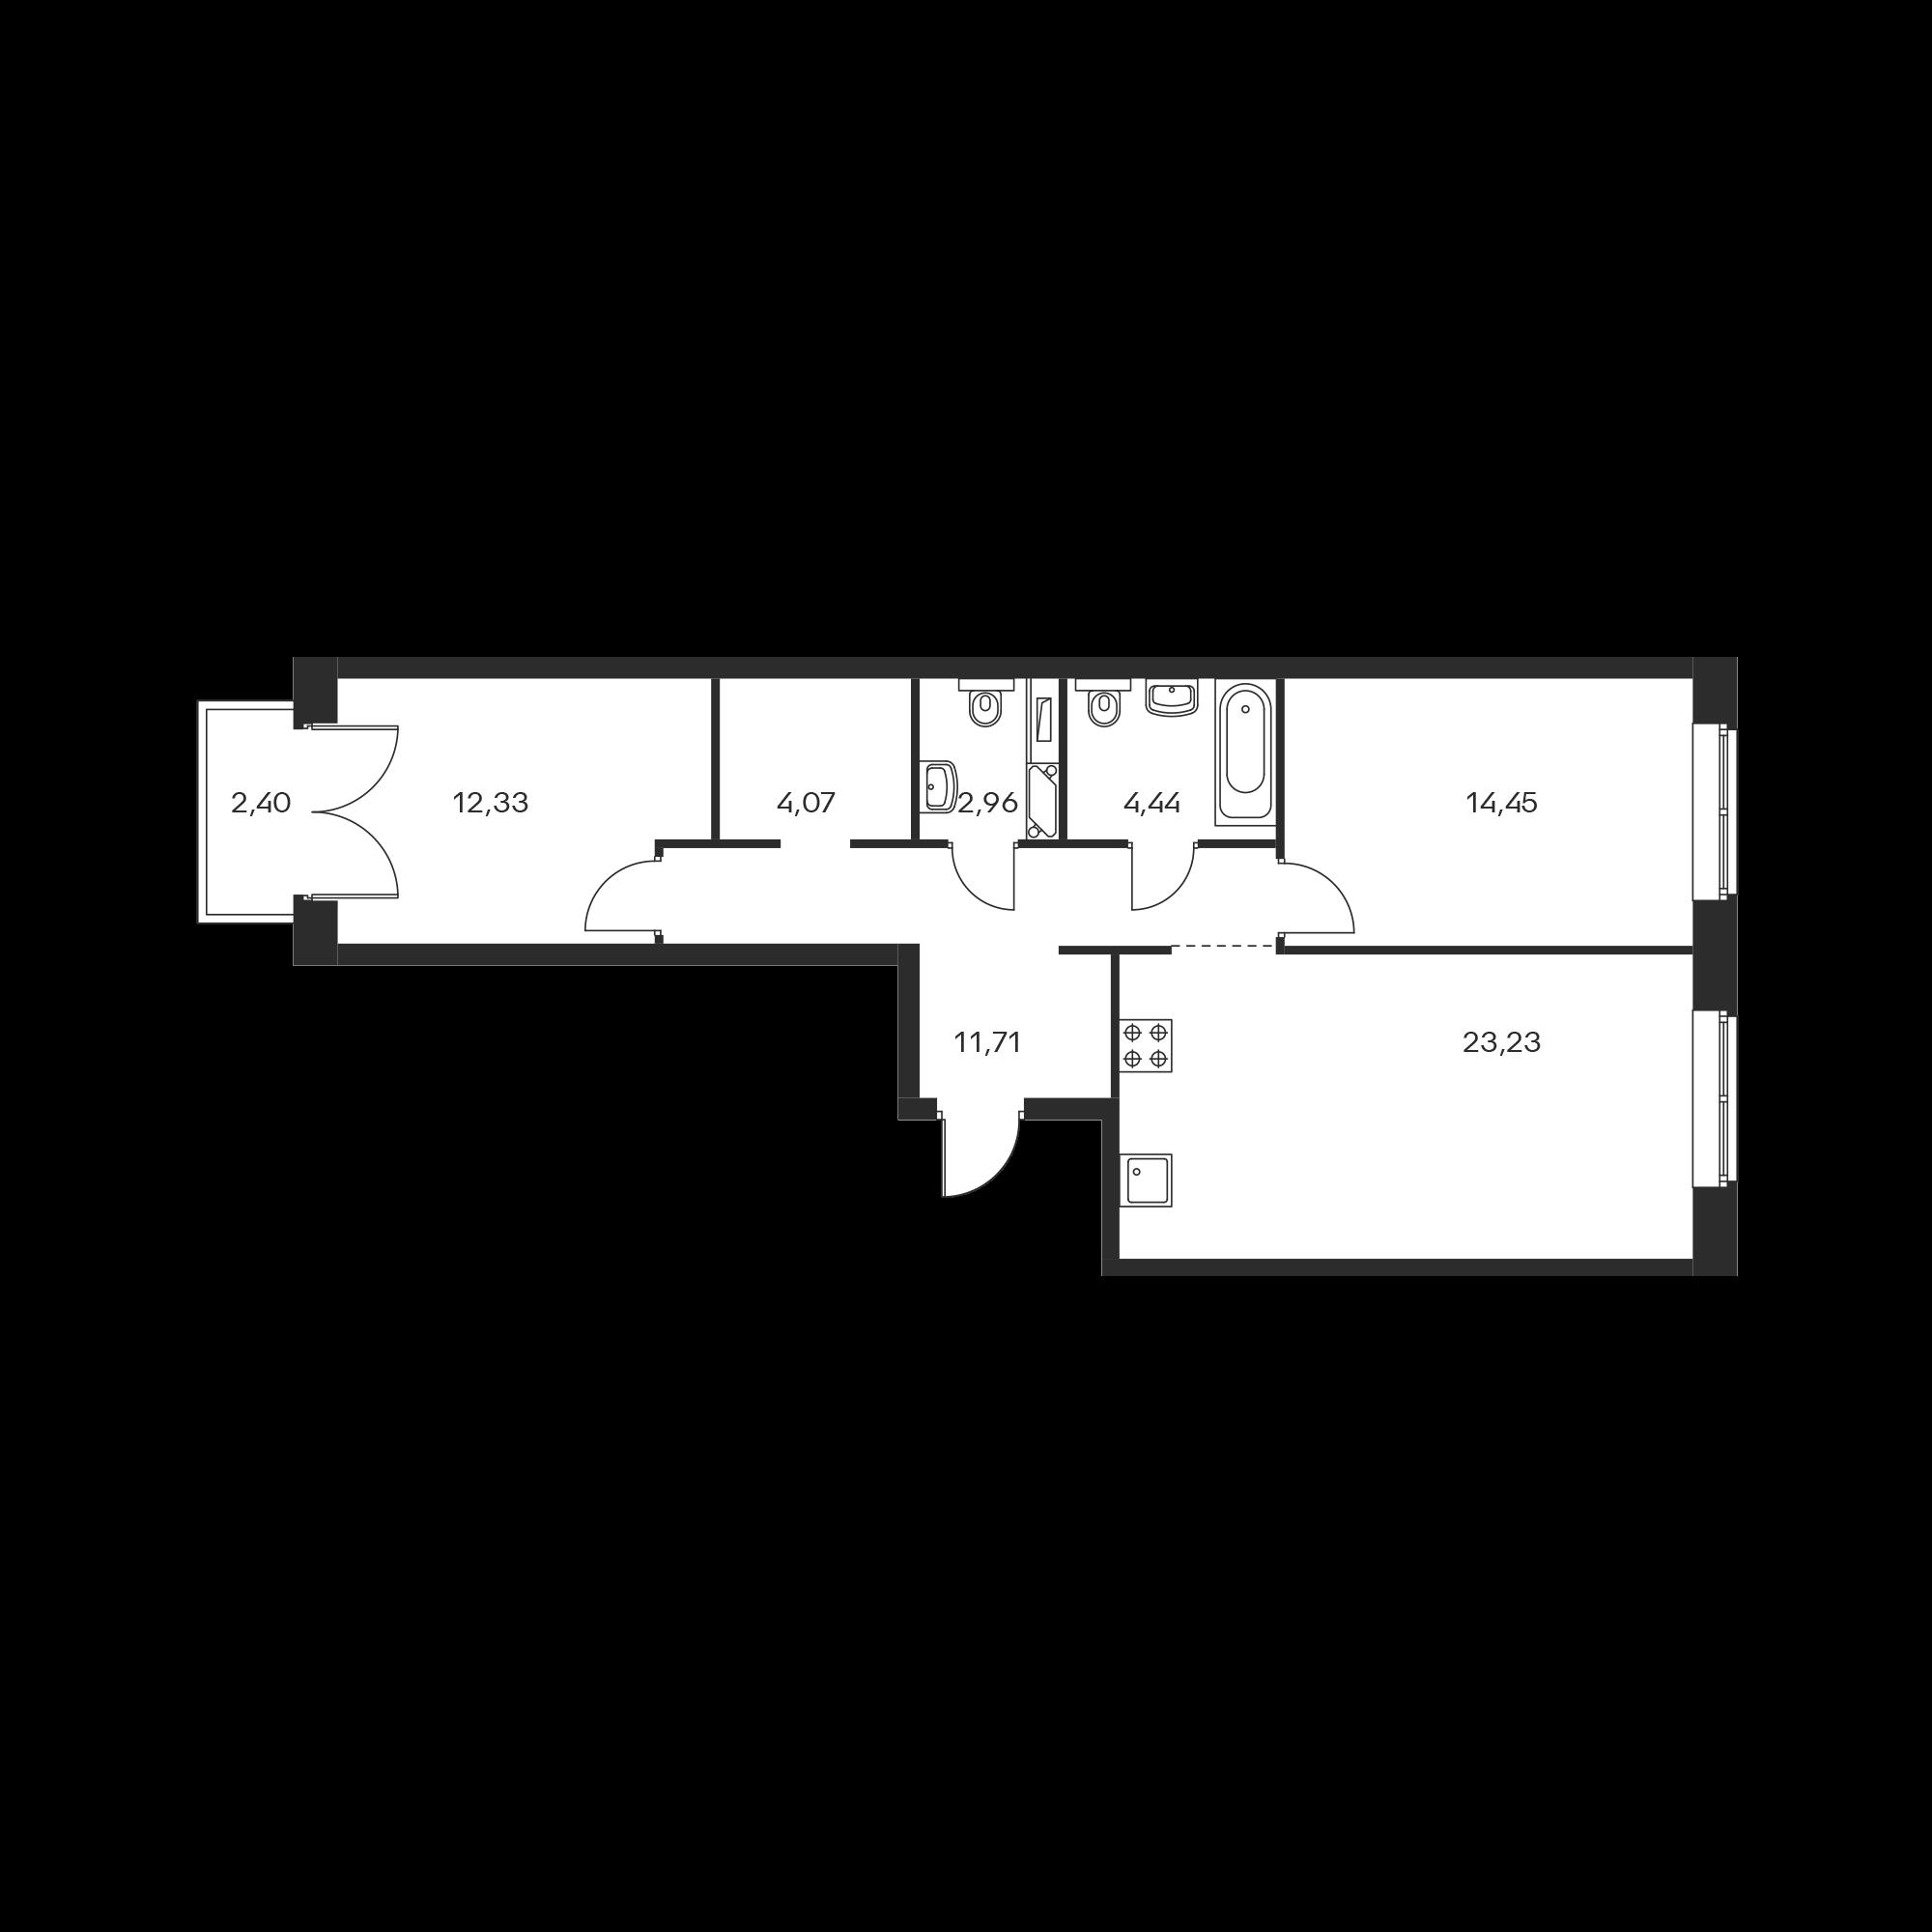 2-комнатная 73.91 м²